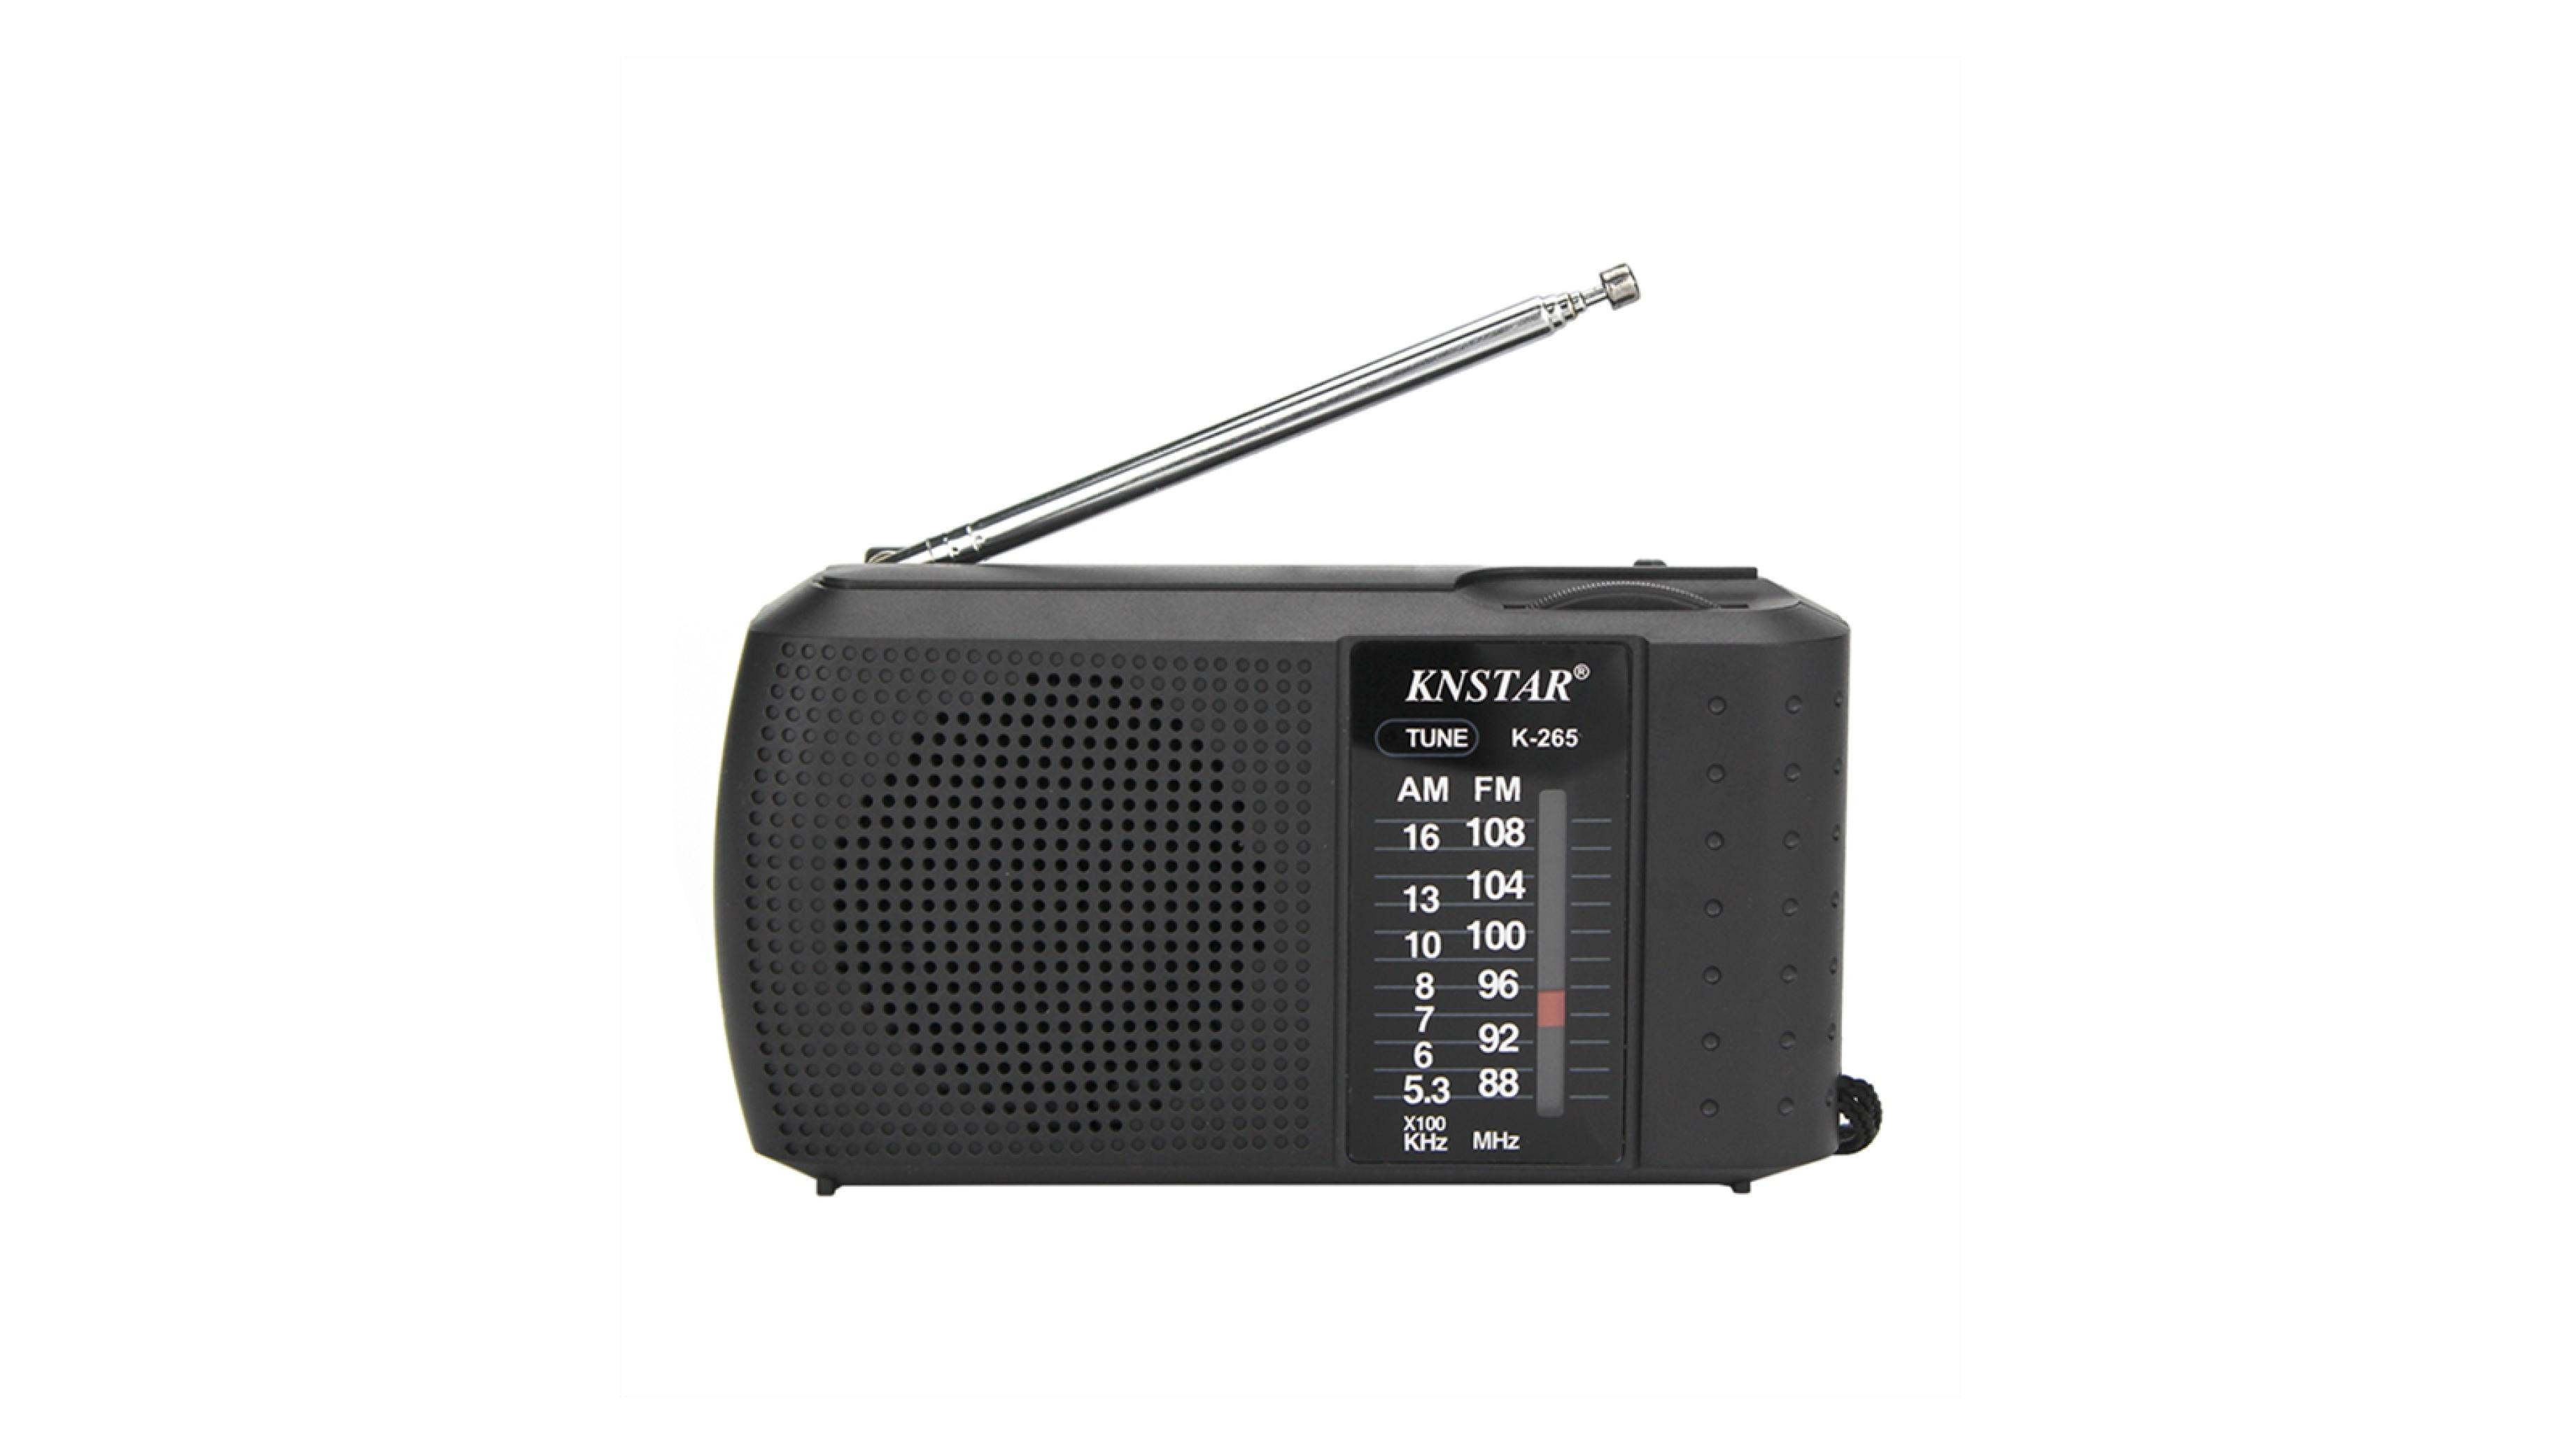 رادیو کی ان استار KNSTAR K-265